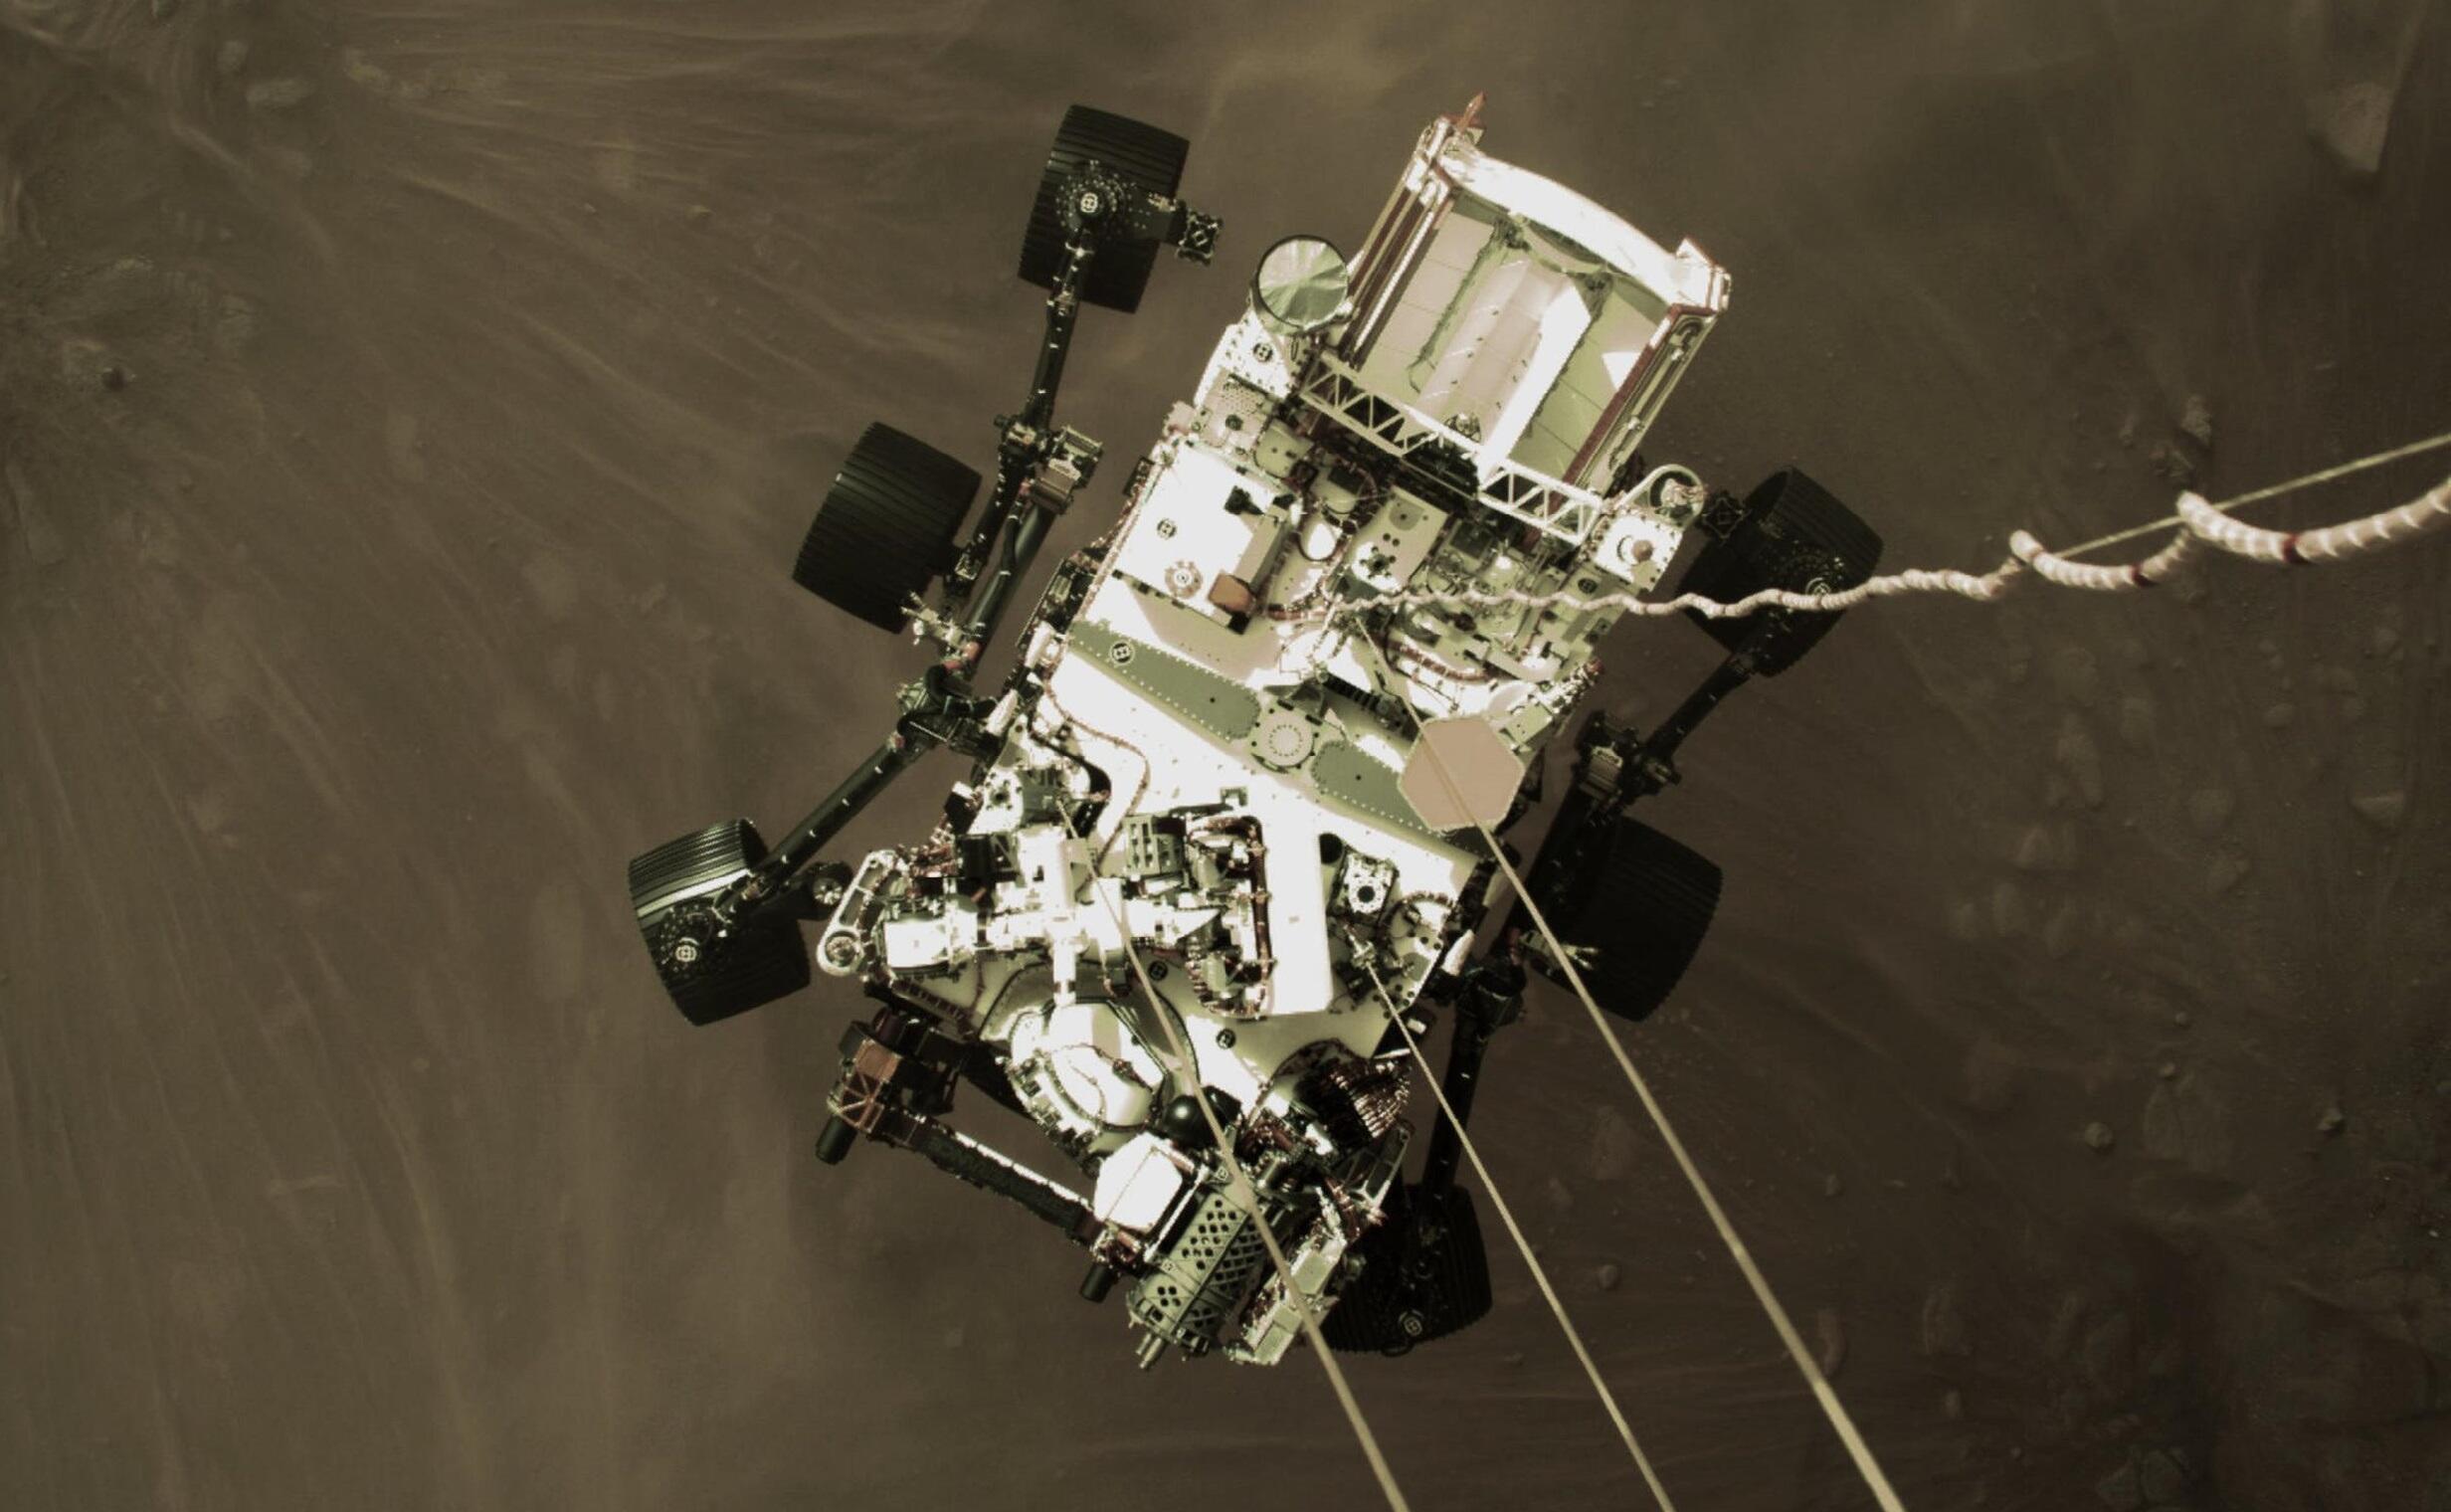 2021-02-19 space mars nasa perseverance rover skycrane maneuver